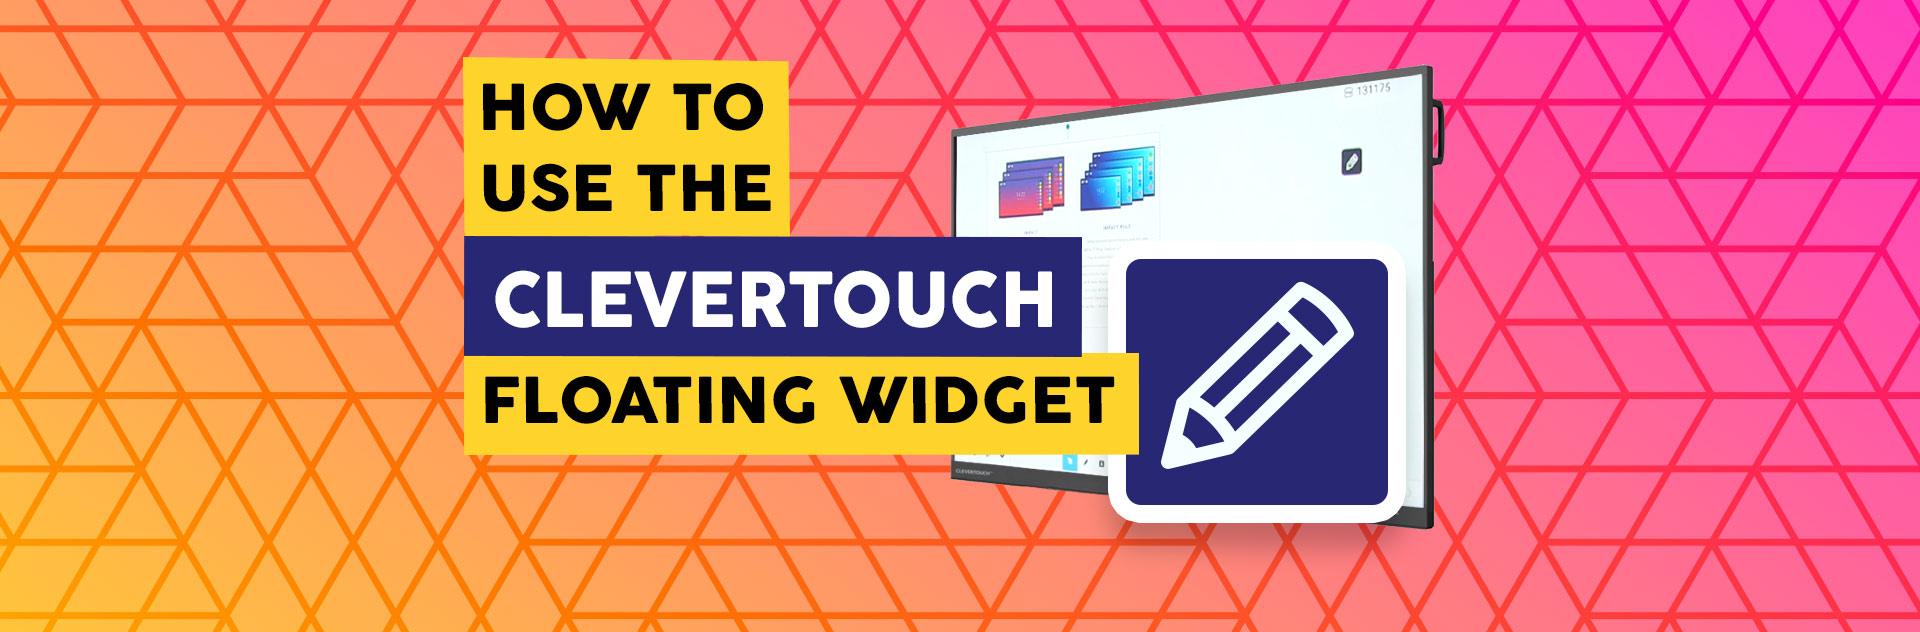 Clevertouch Floating Widget - Interactive Flatscreens Irish Schools